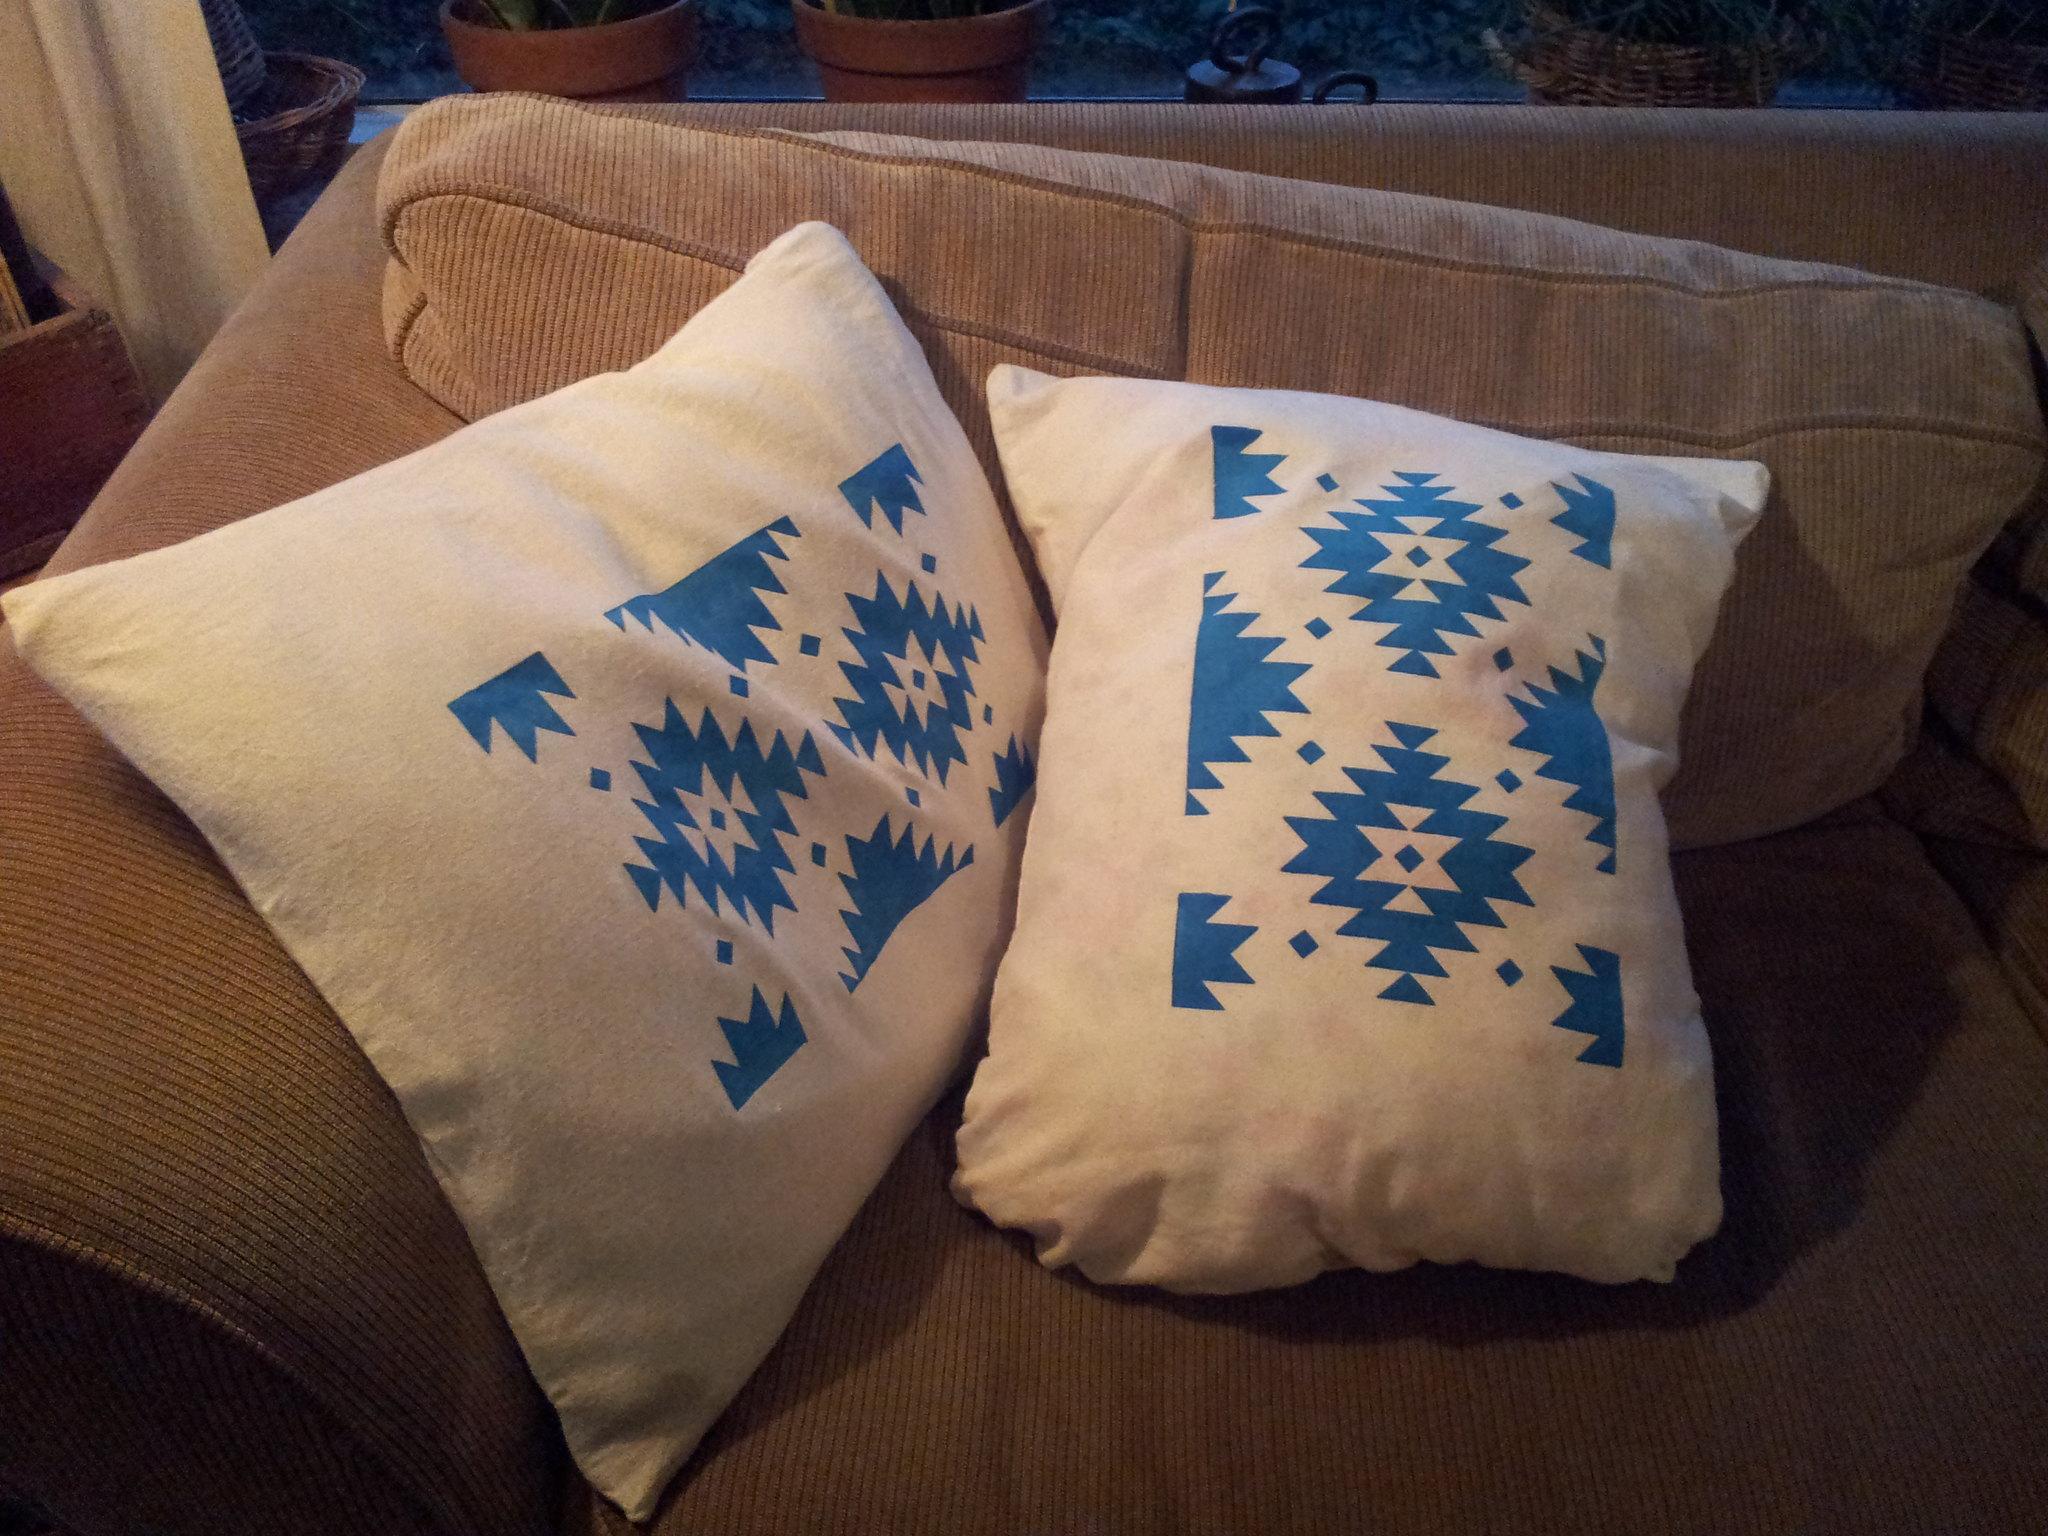 Разрисованные синей краской подушки